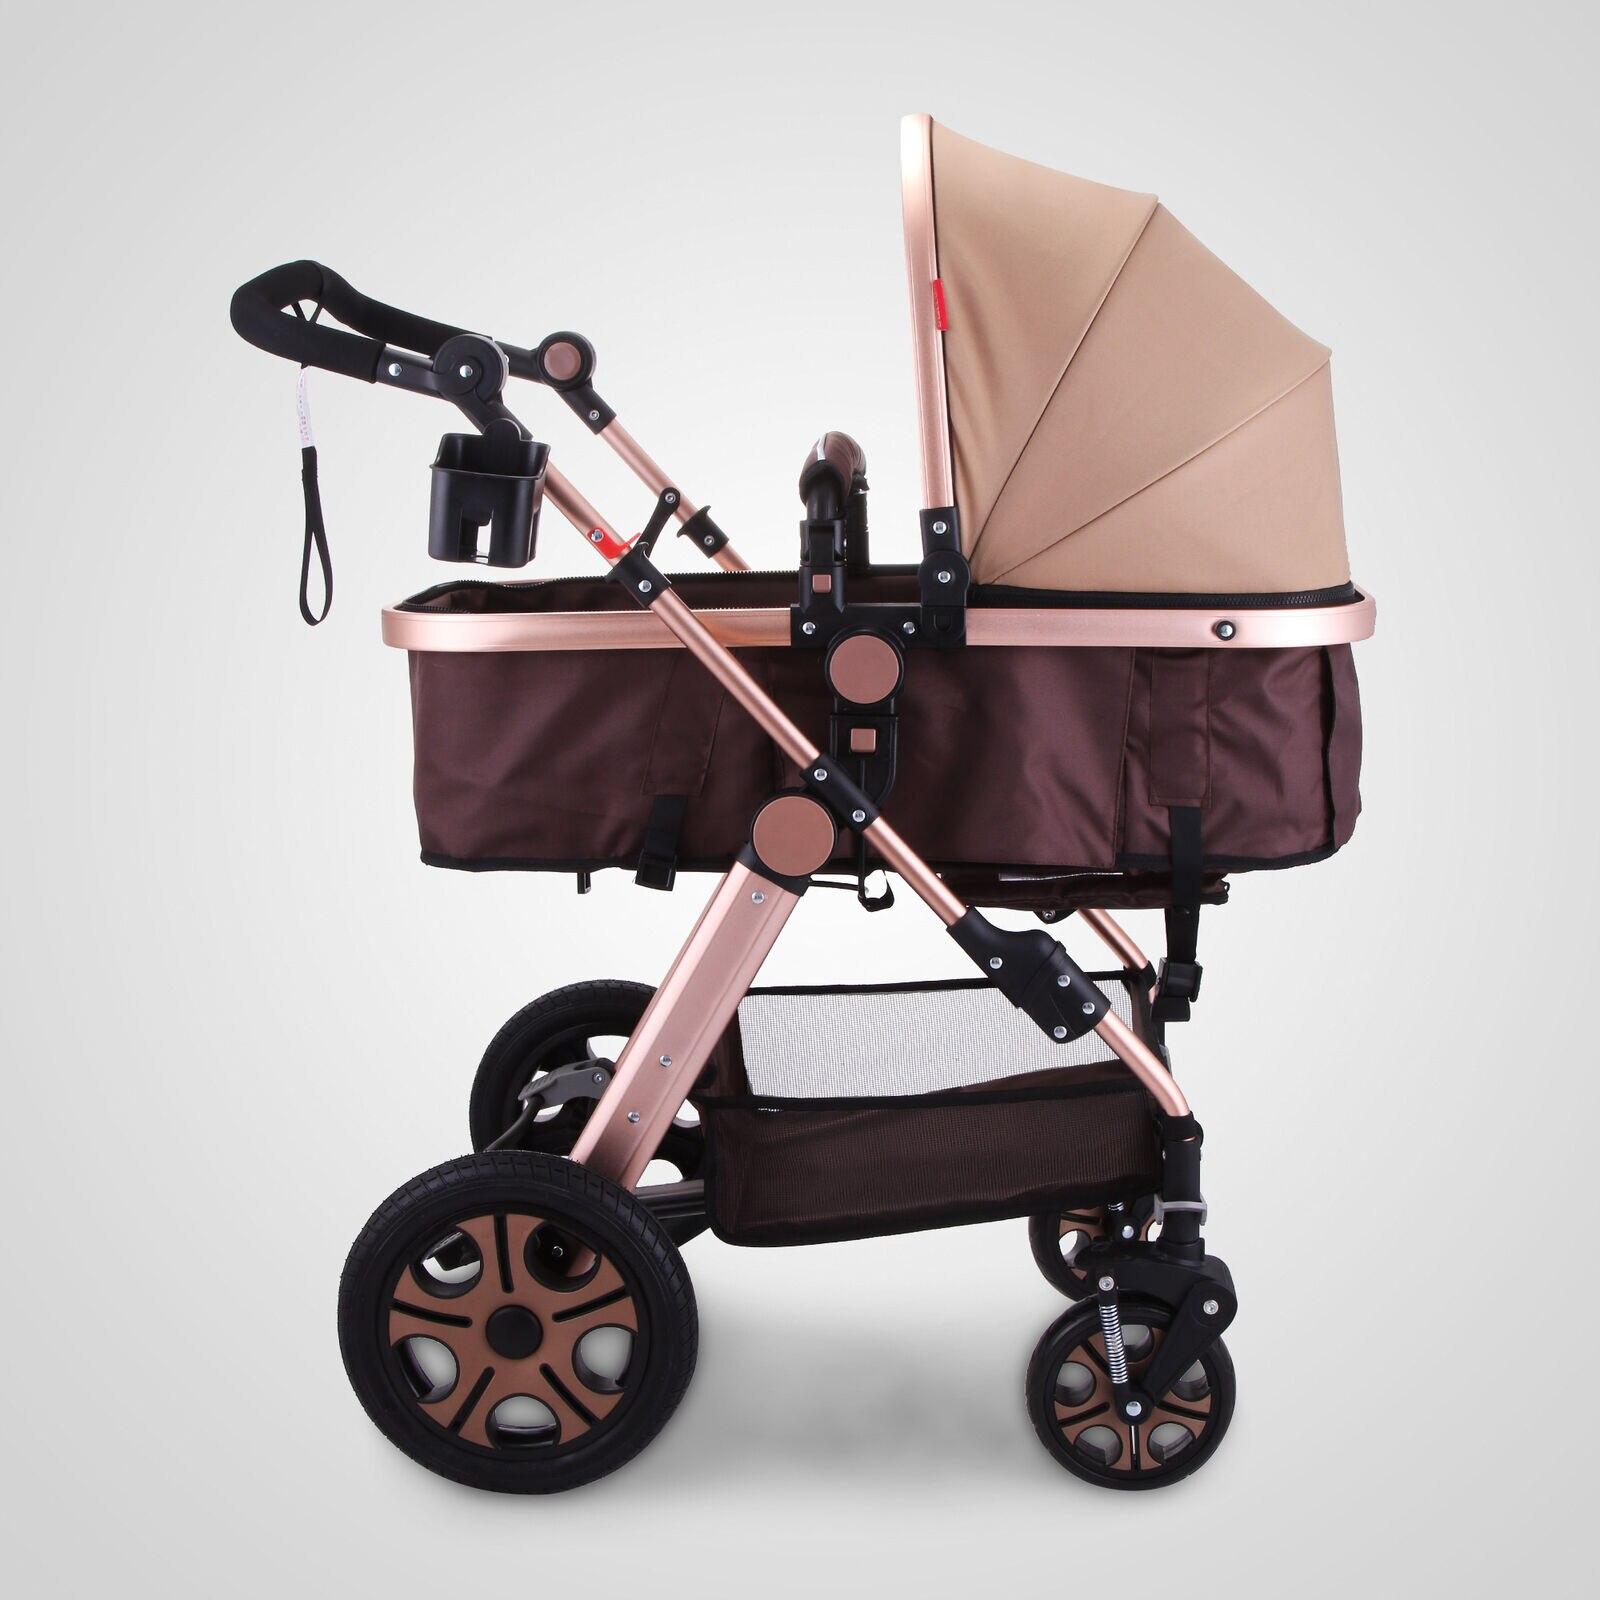 Carrinho de bebê 3 em 1 luxo dobrável carrinho de bebê recém-nascido com 3 posição recline